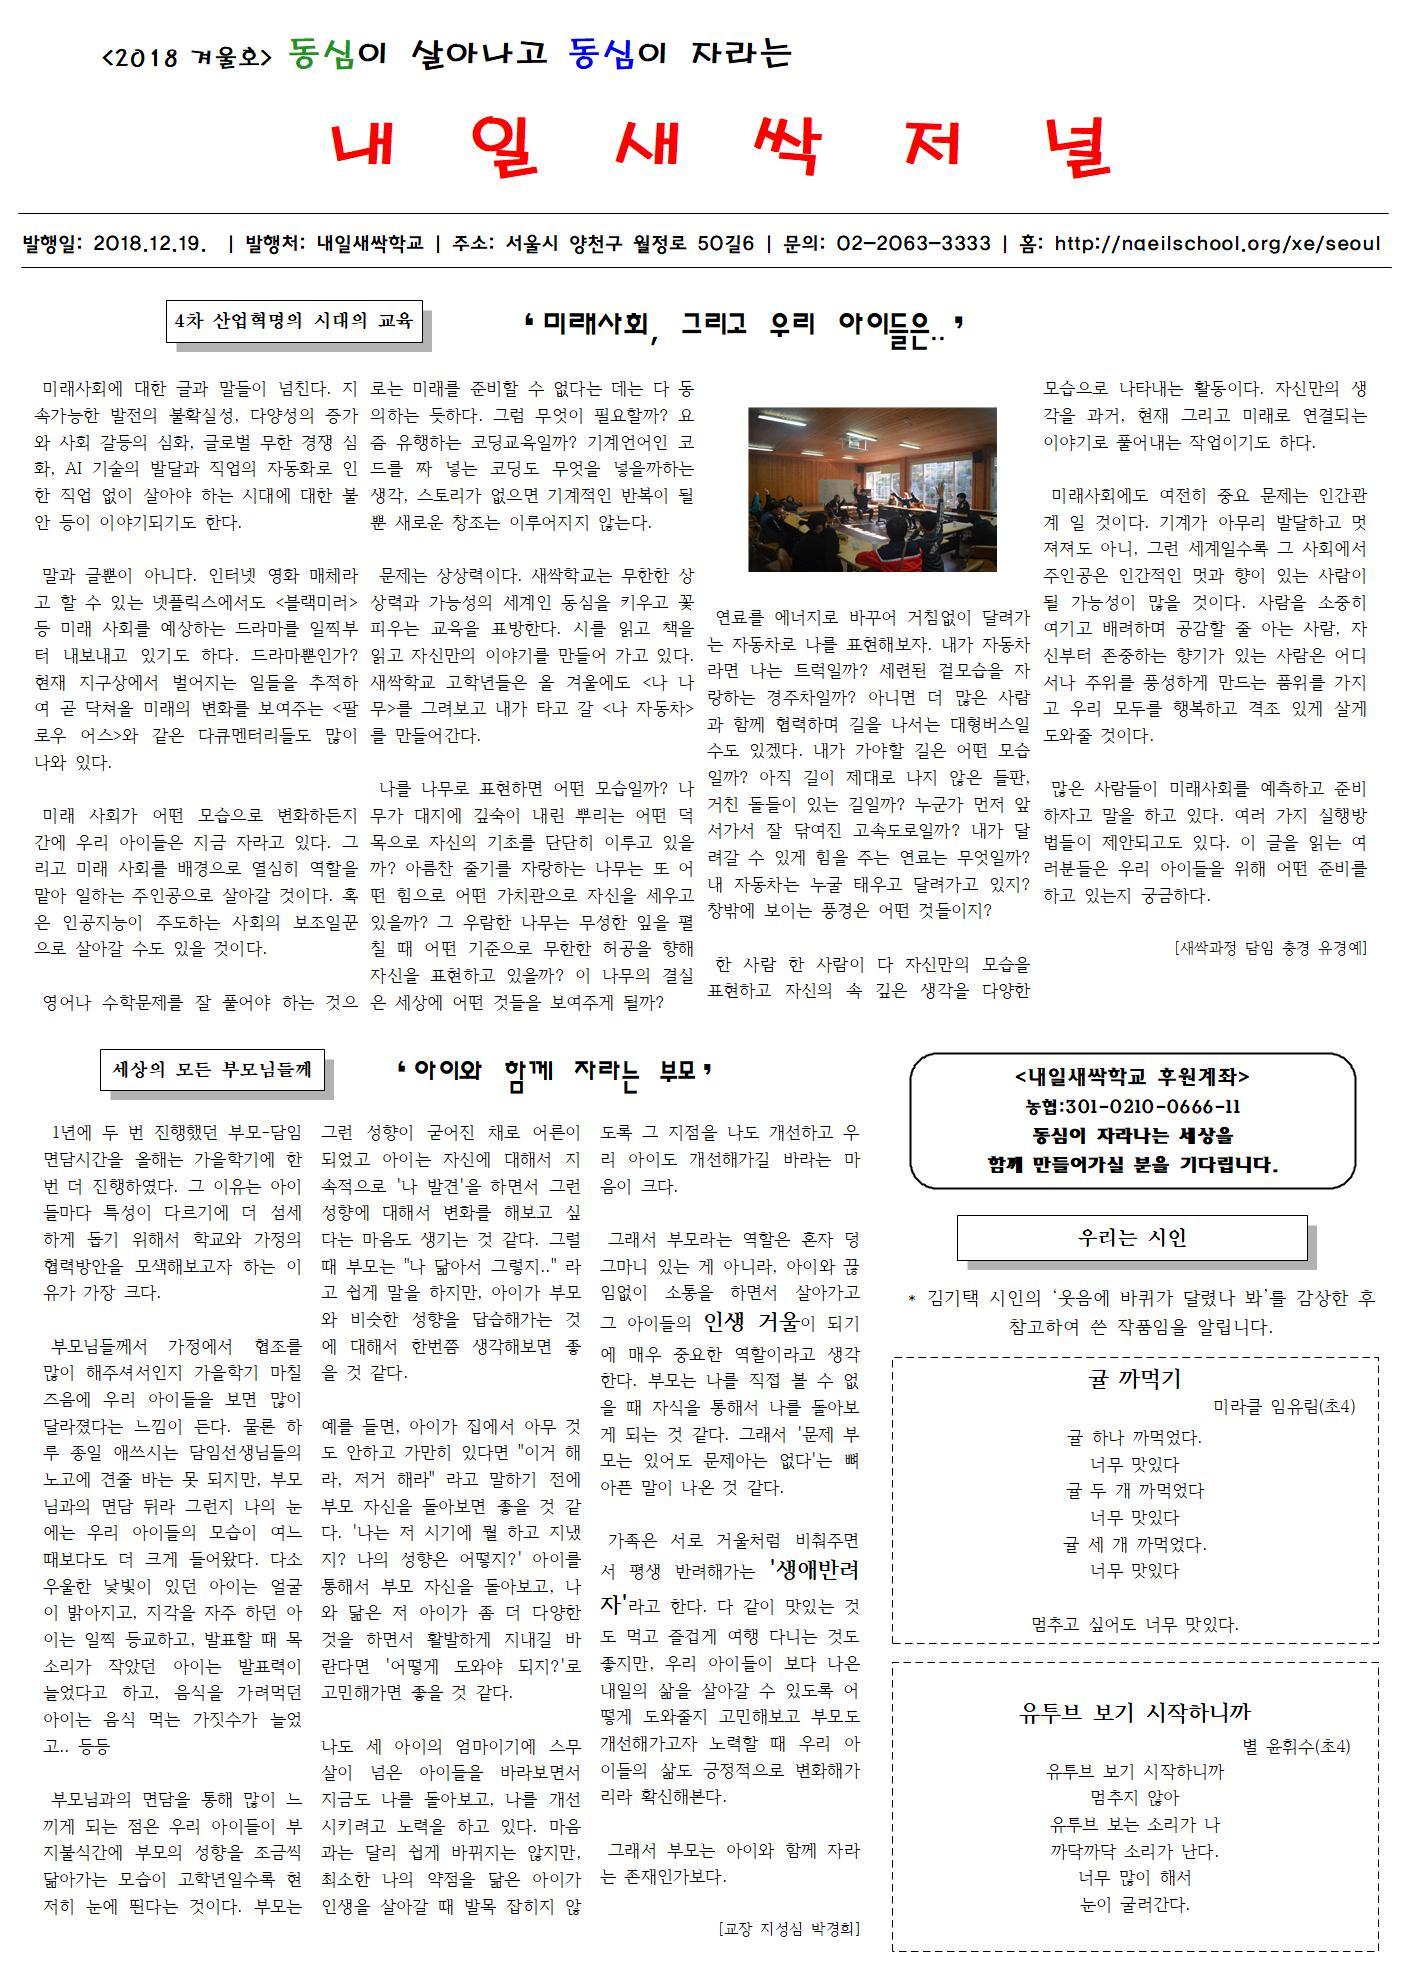 내일새싹저널(내일새싹학교) 겨울호_수정본001.jpg